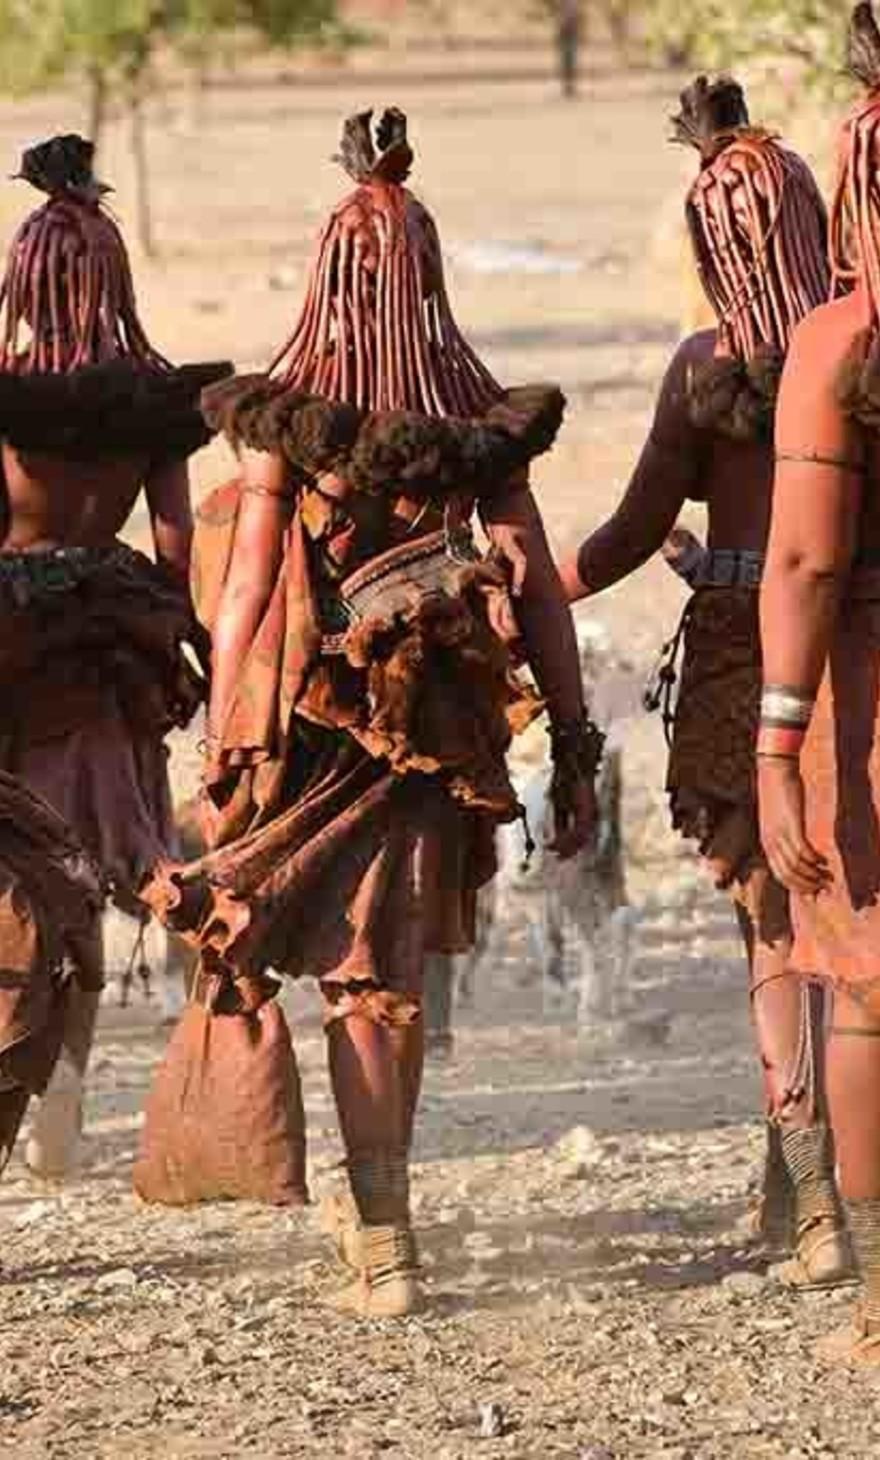 Himba women tribe